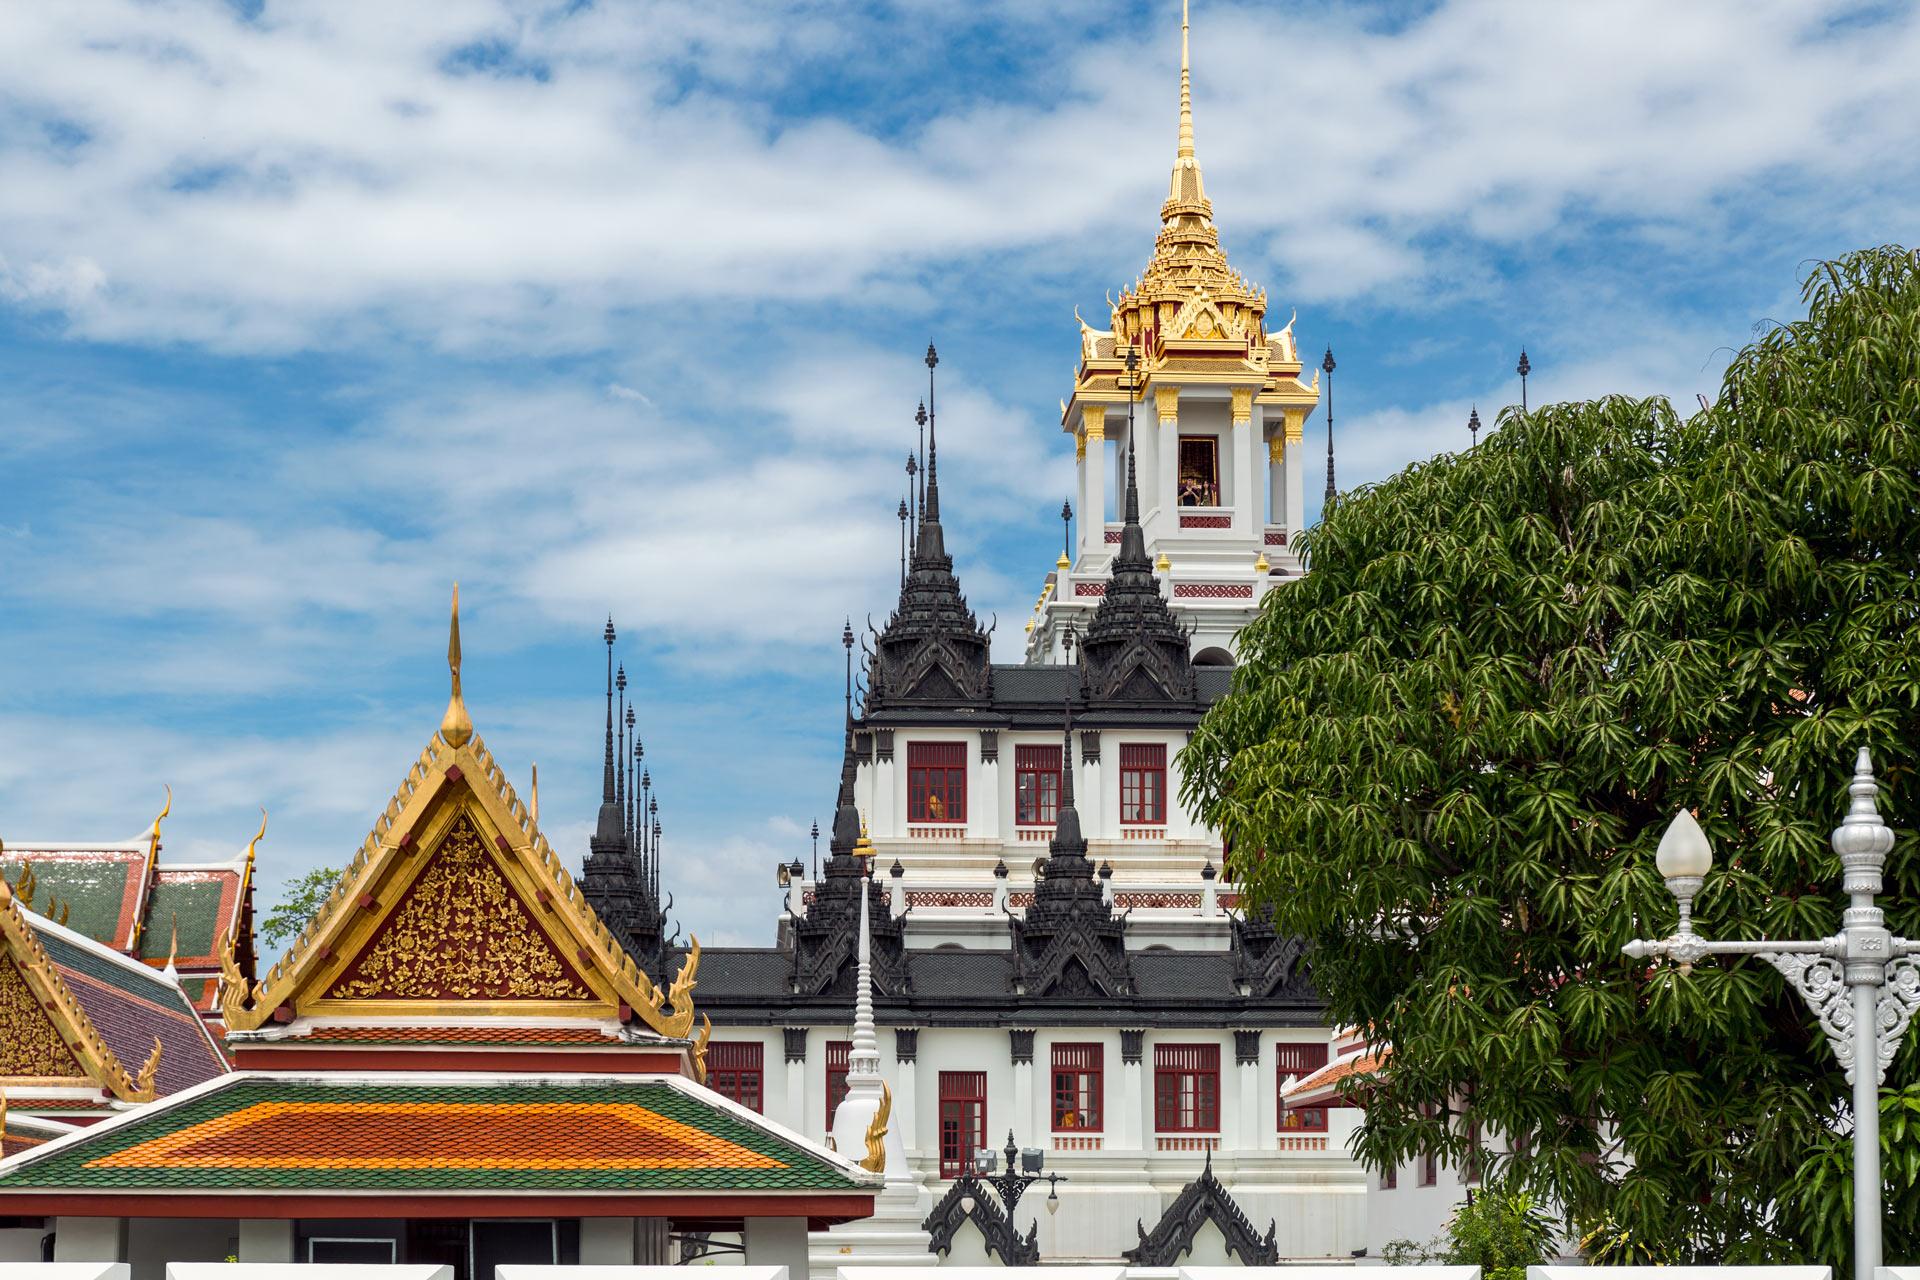 A little bit of Bangkok